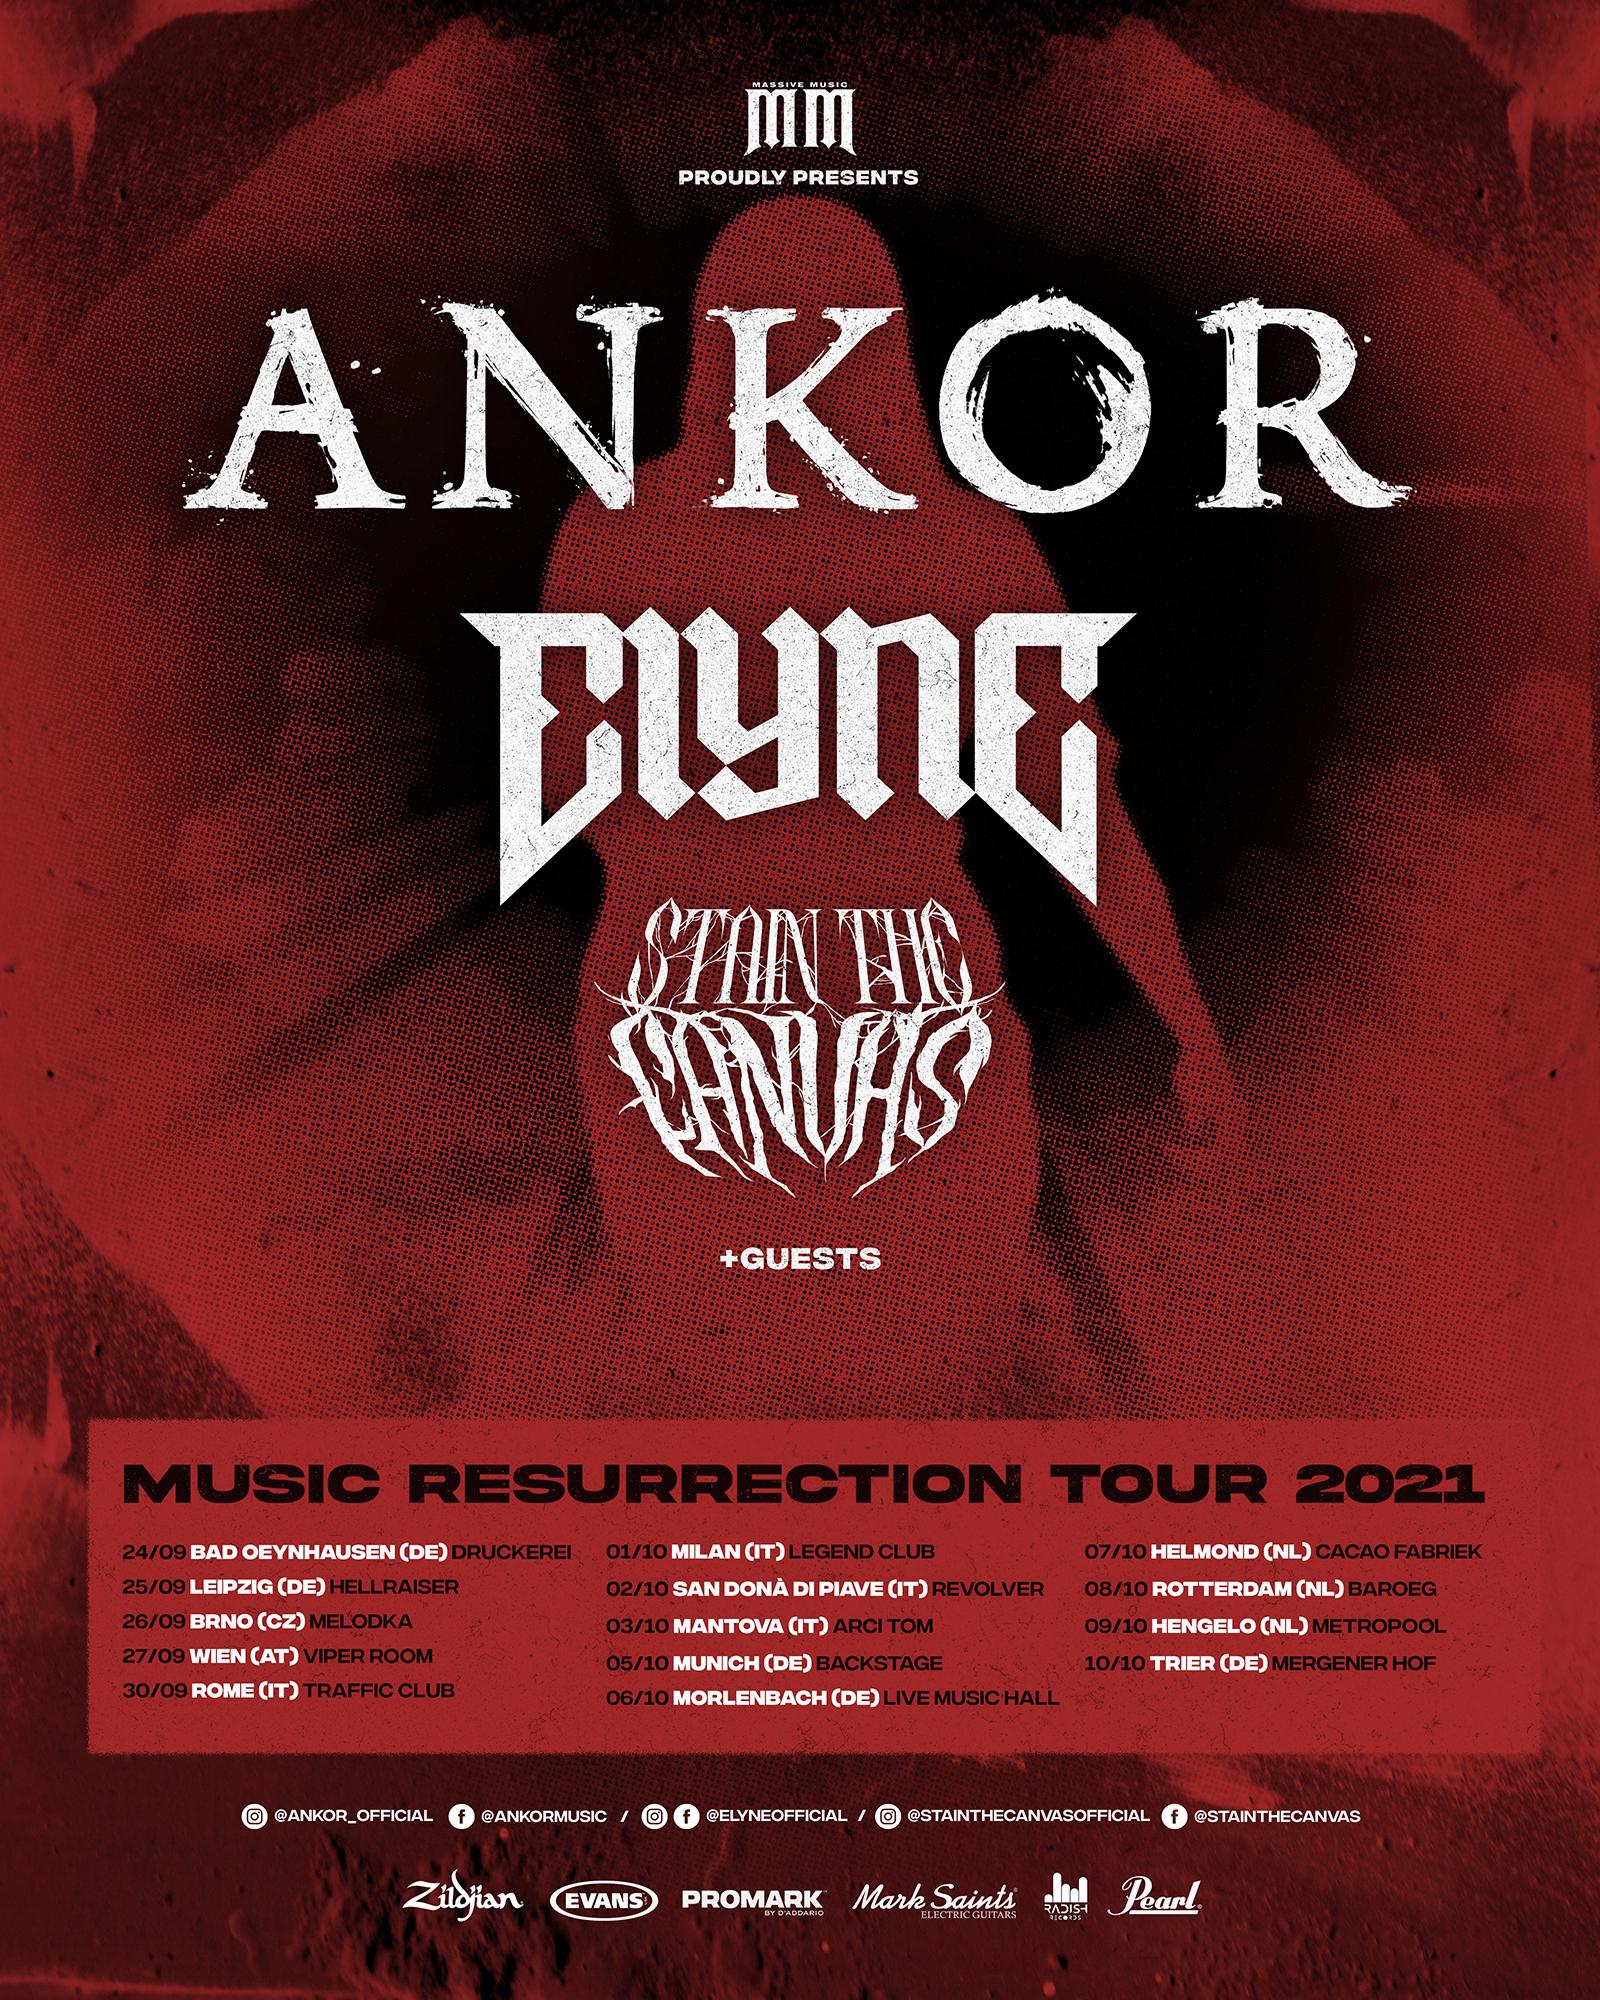 Ankor Tour Plakat 2021